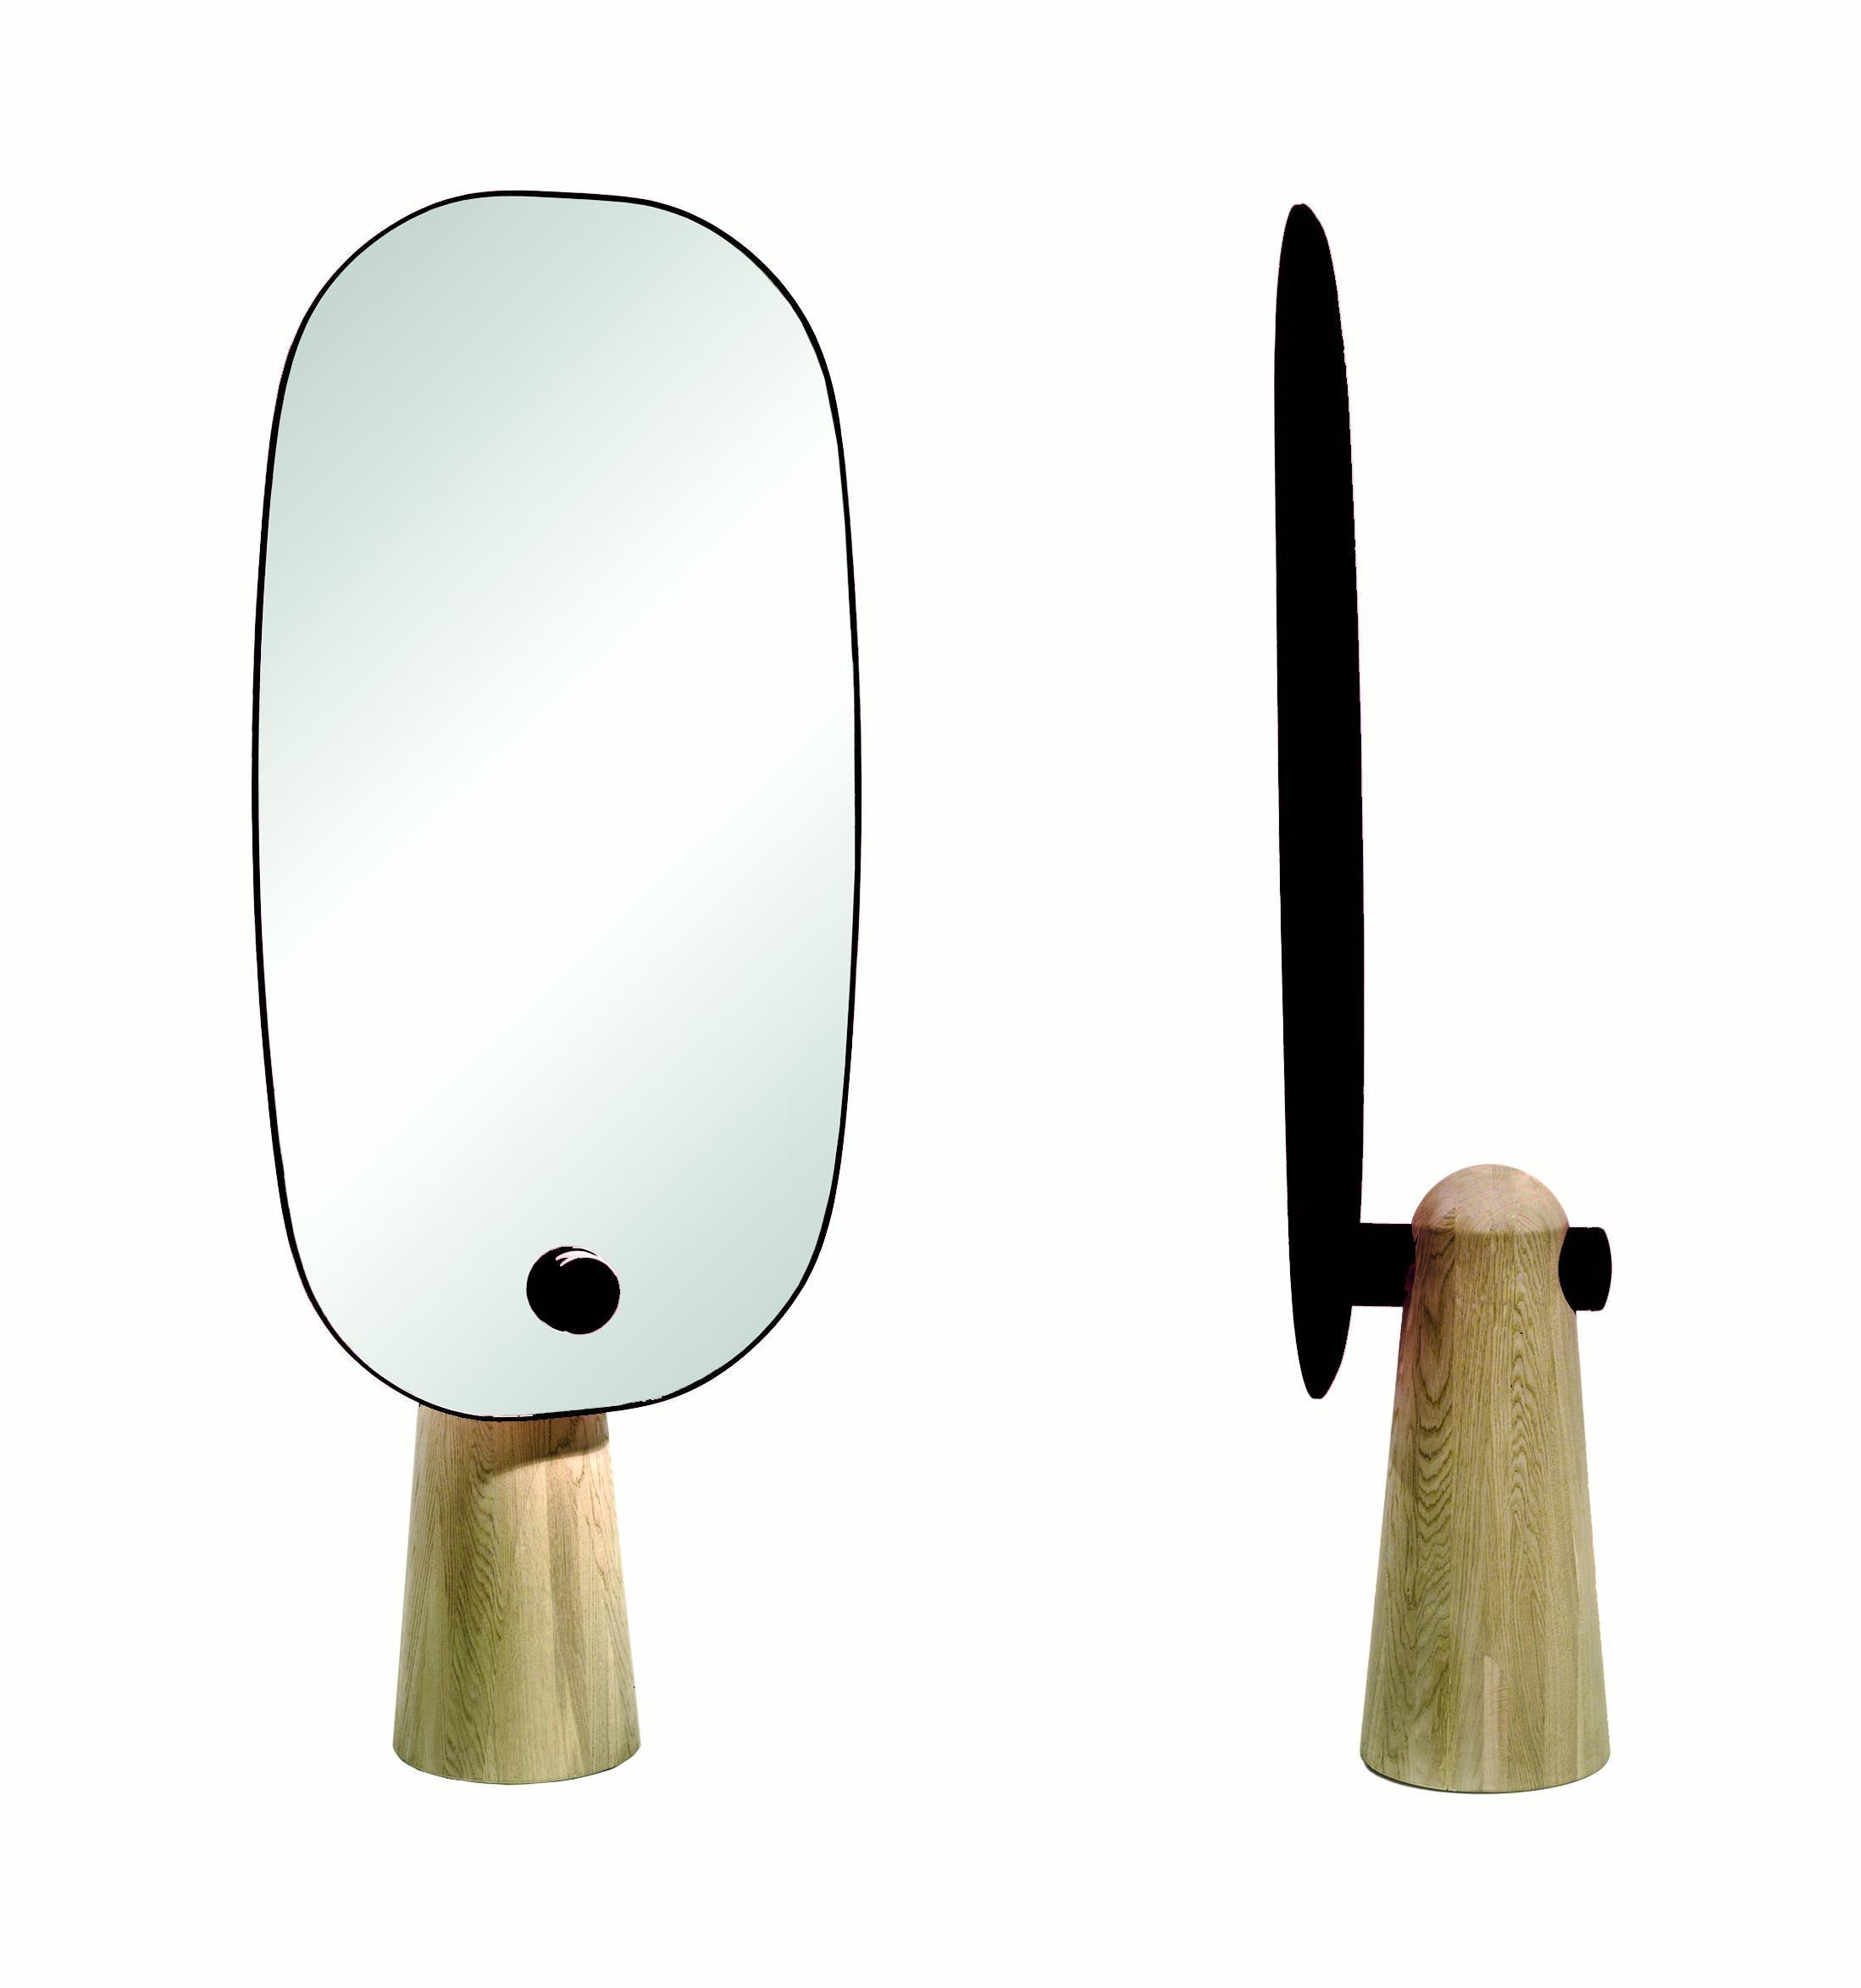 Dan Yeffet & Lucie Koldova iconic mirror, dan yeffet and lucie koldova